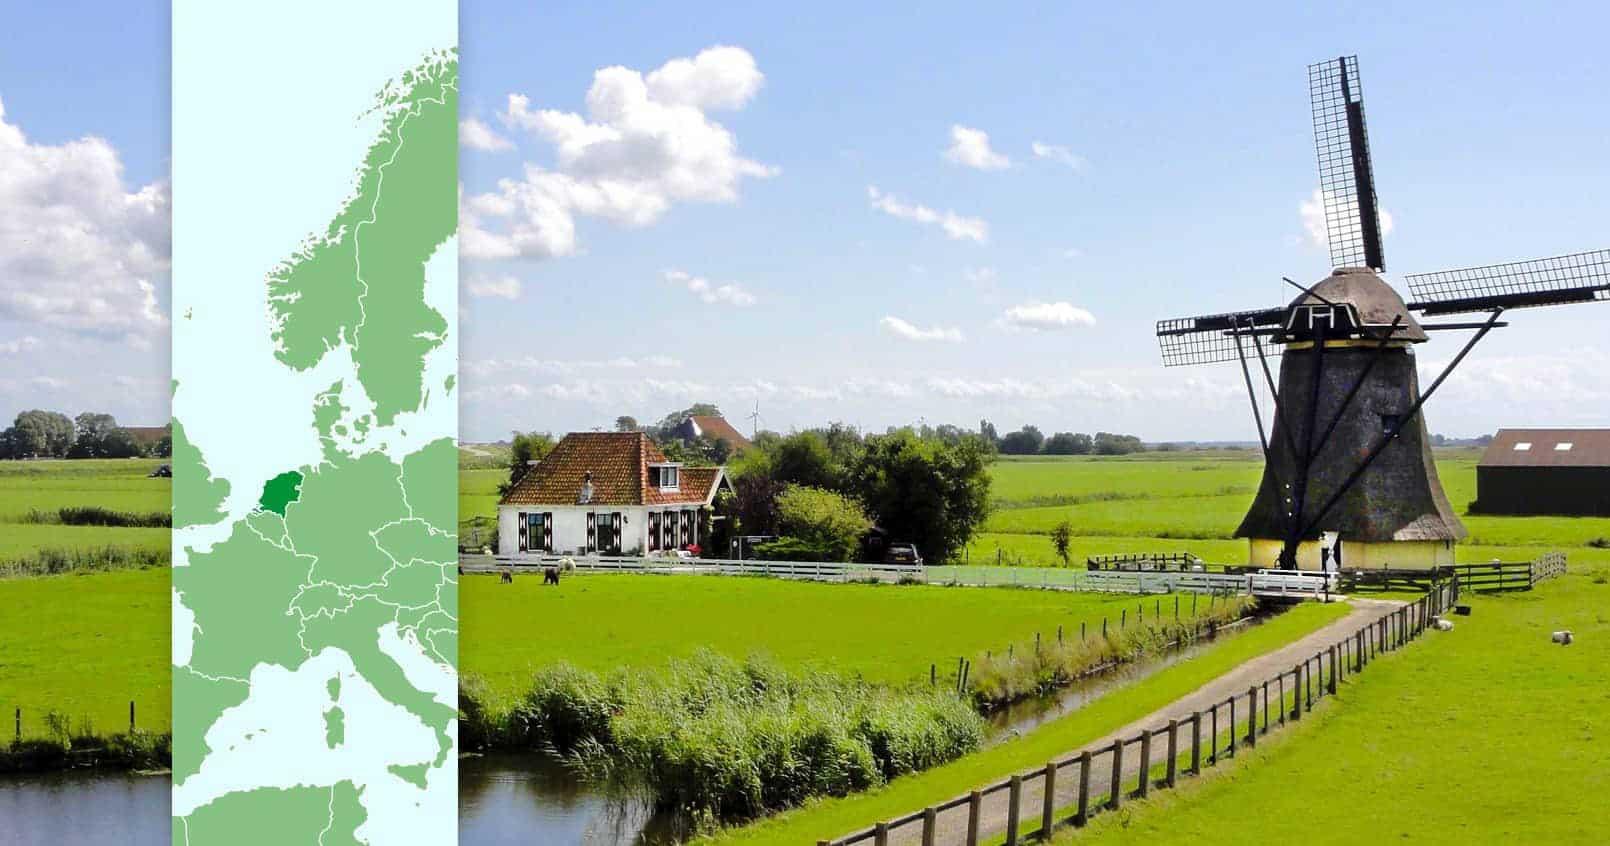 Nederland, ReisDit.no